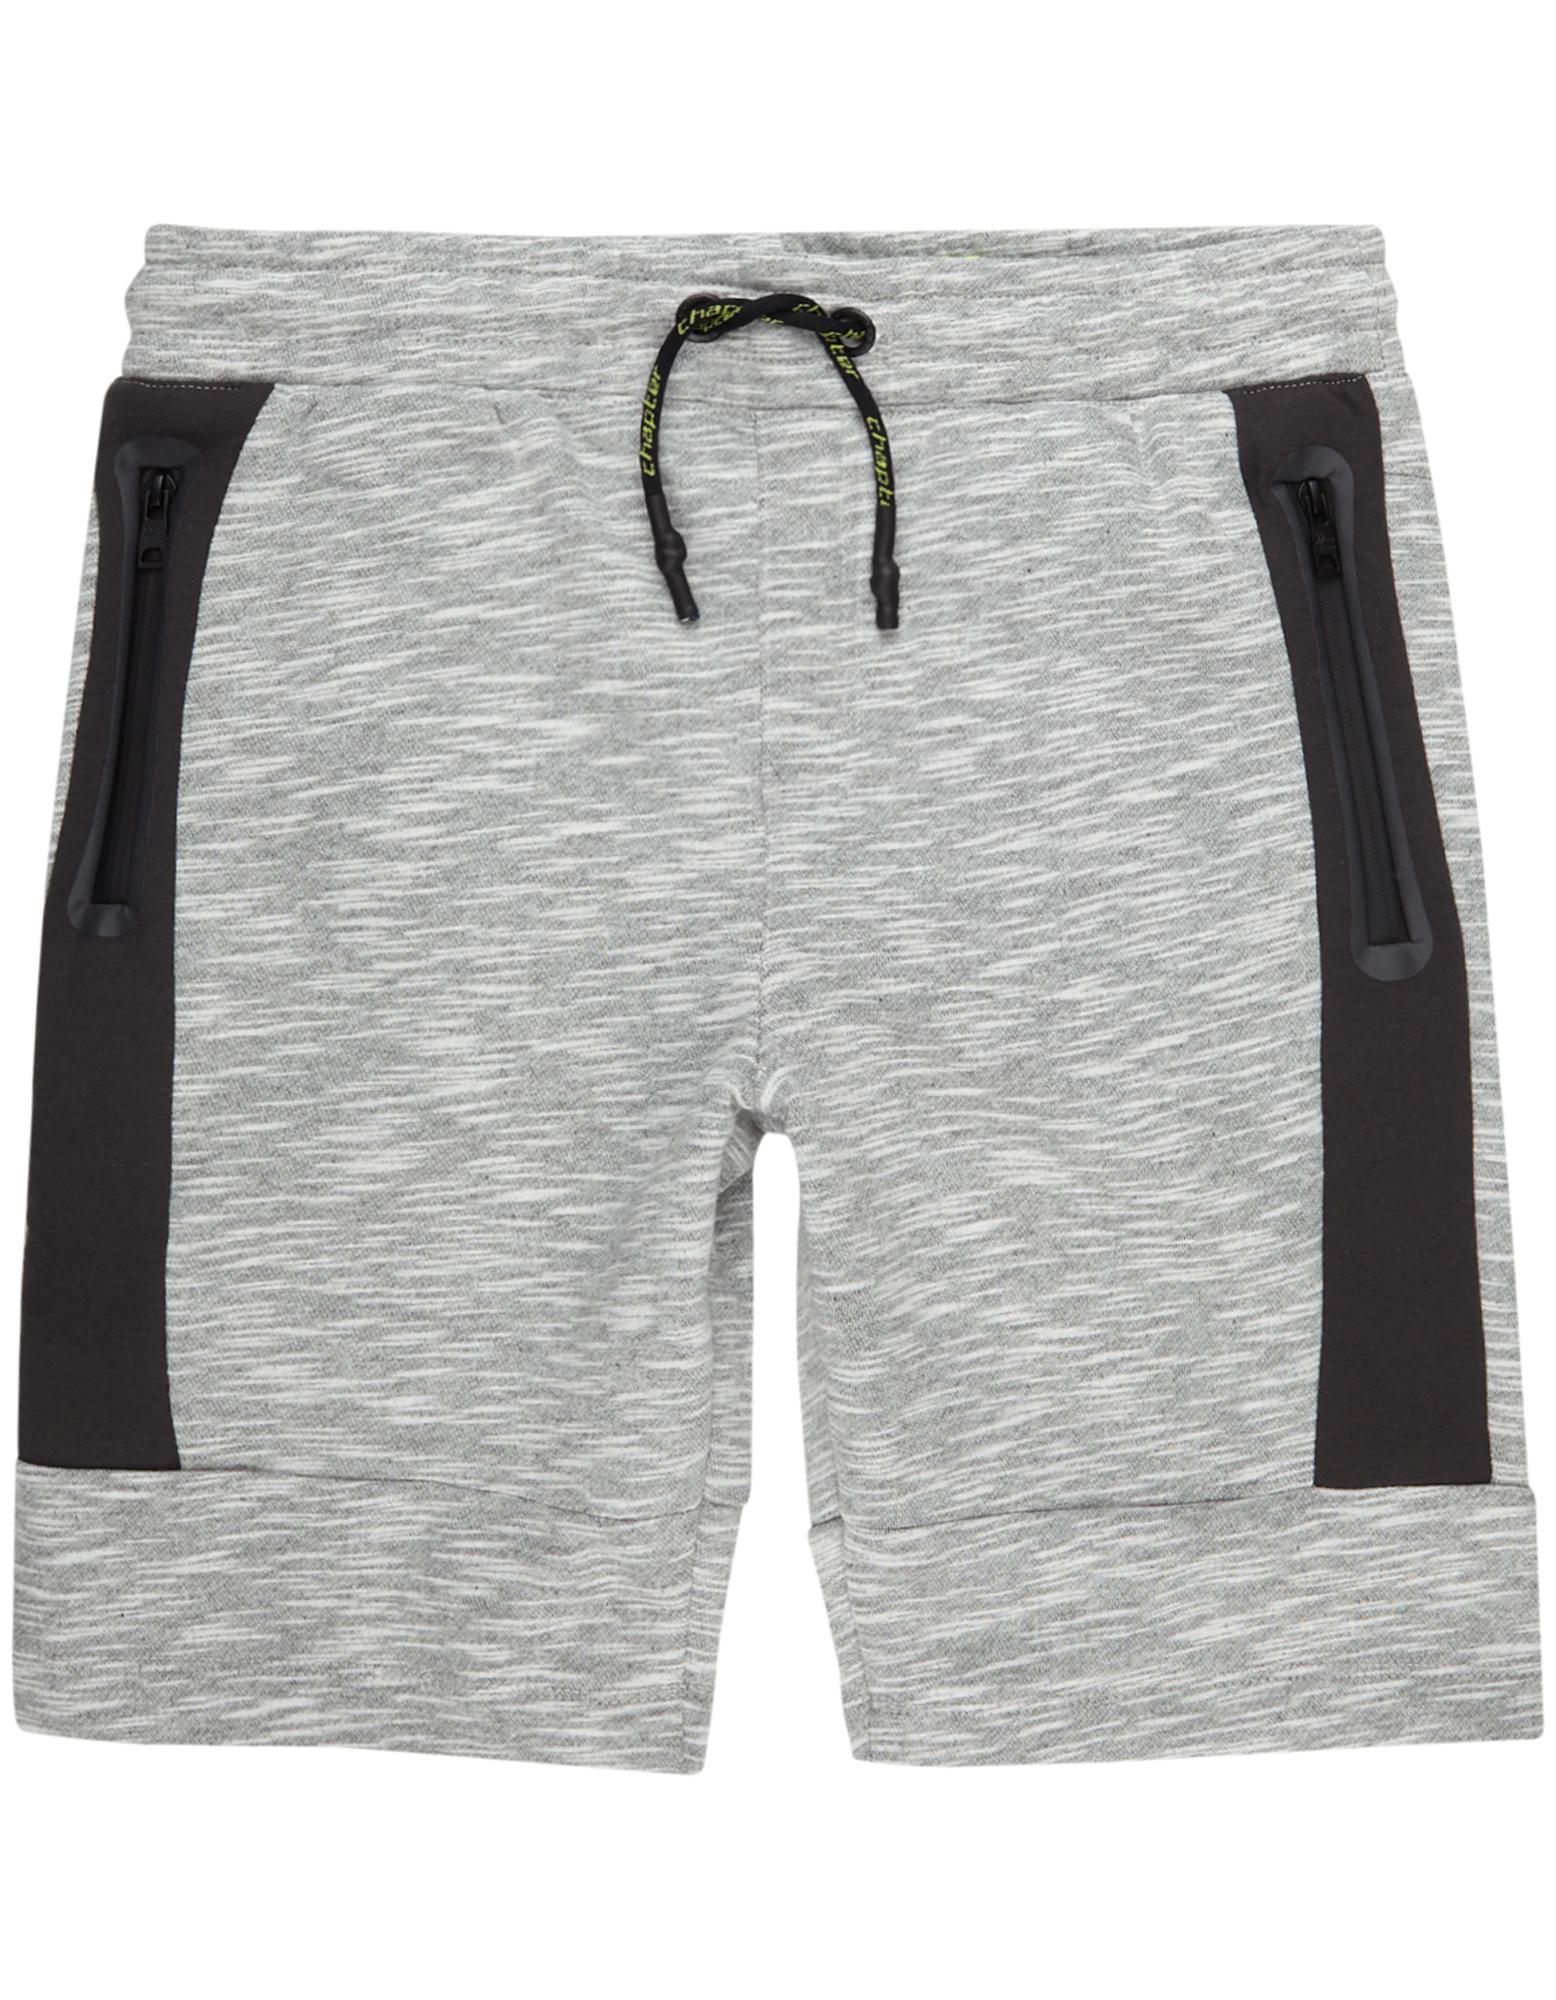 Herren Sweatshorts mit Reißverschlusstaschen  | 81509501010501